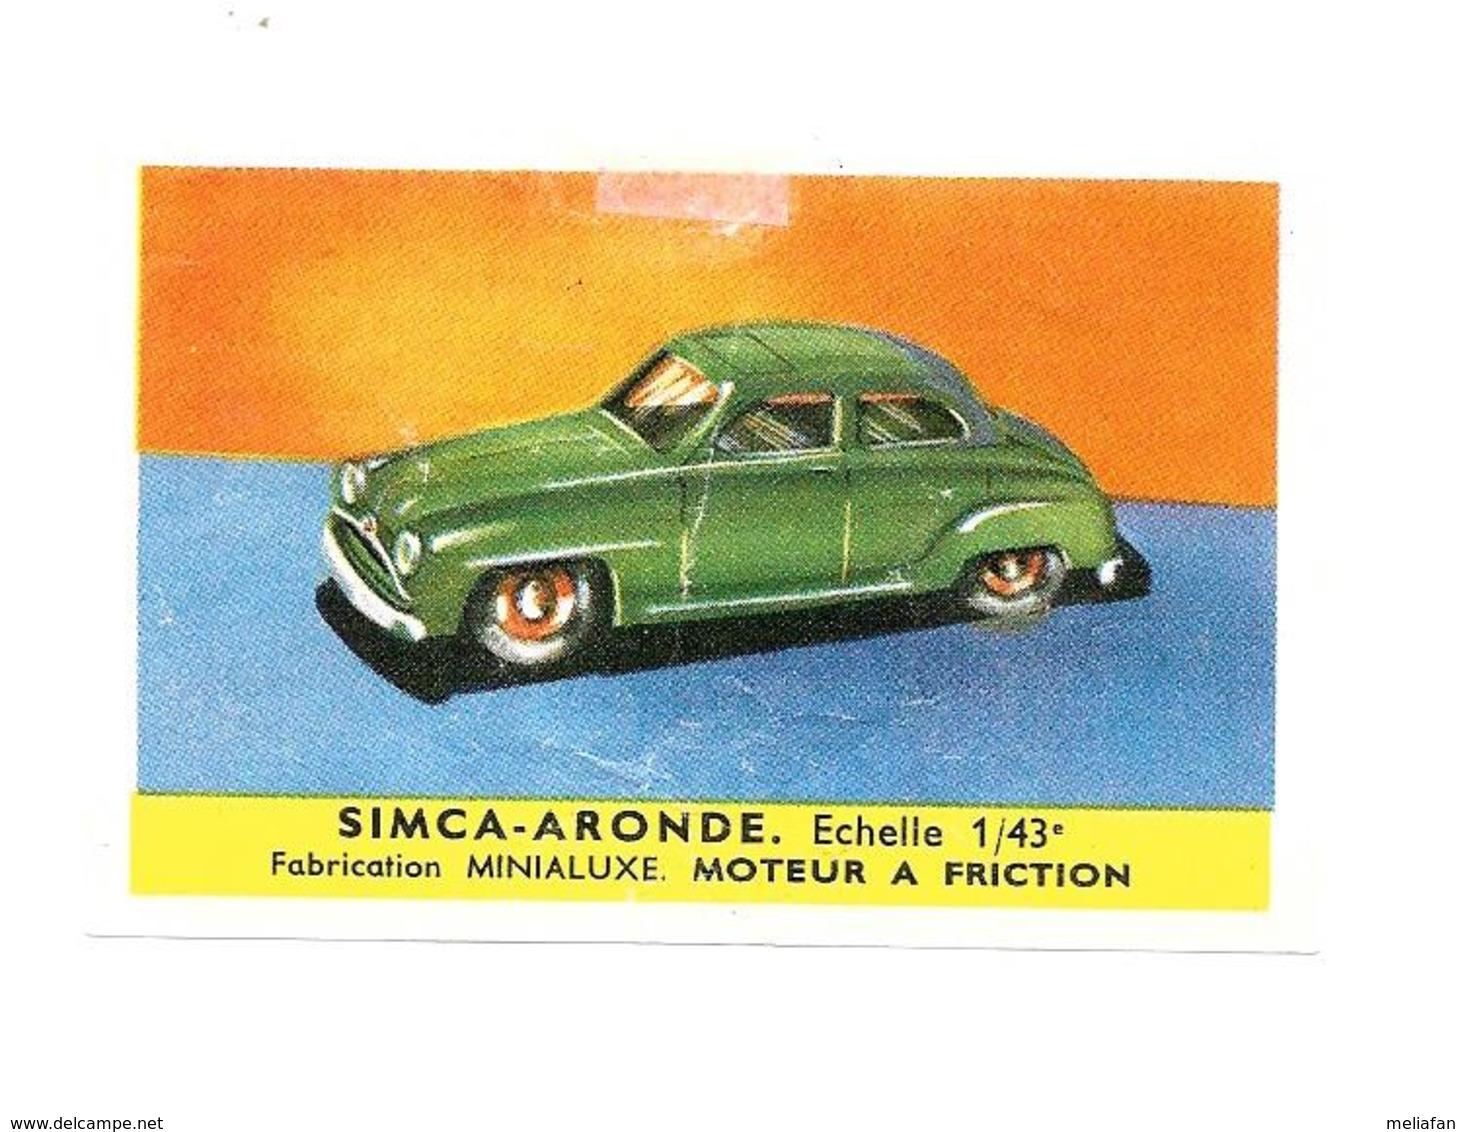 KB1375 - IMAGE CAFE MASDA - SIMCA ARONDE - Cars